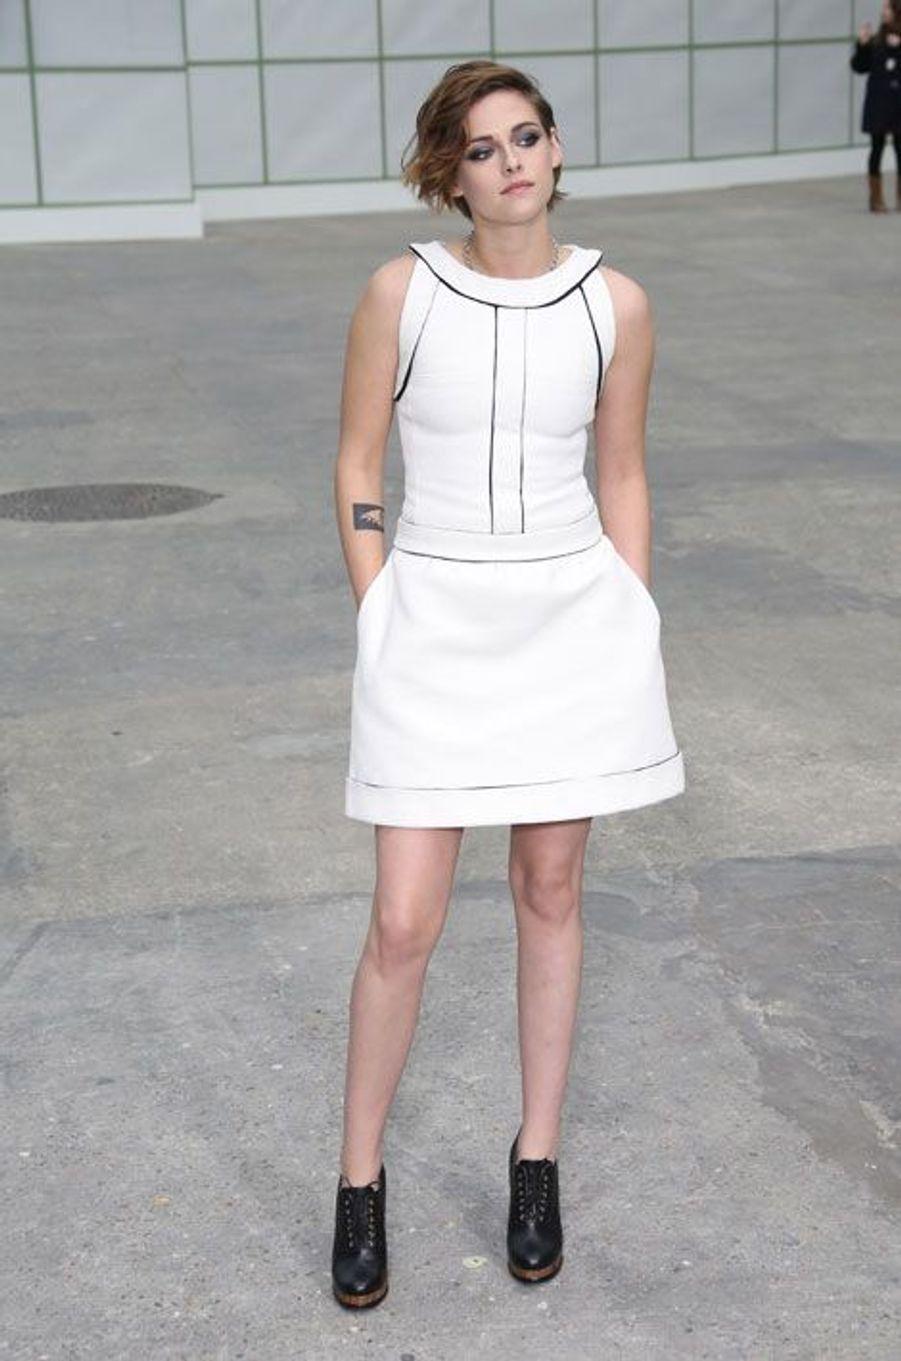 L'actrice américaine Kristen Stewart au défilé Chanel Haute Couture printemps-été 2015 à Paris, le 27 janvier